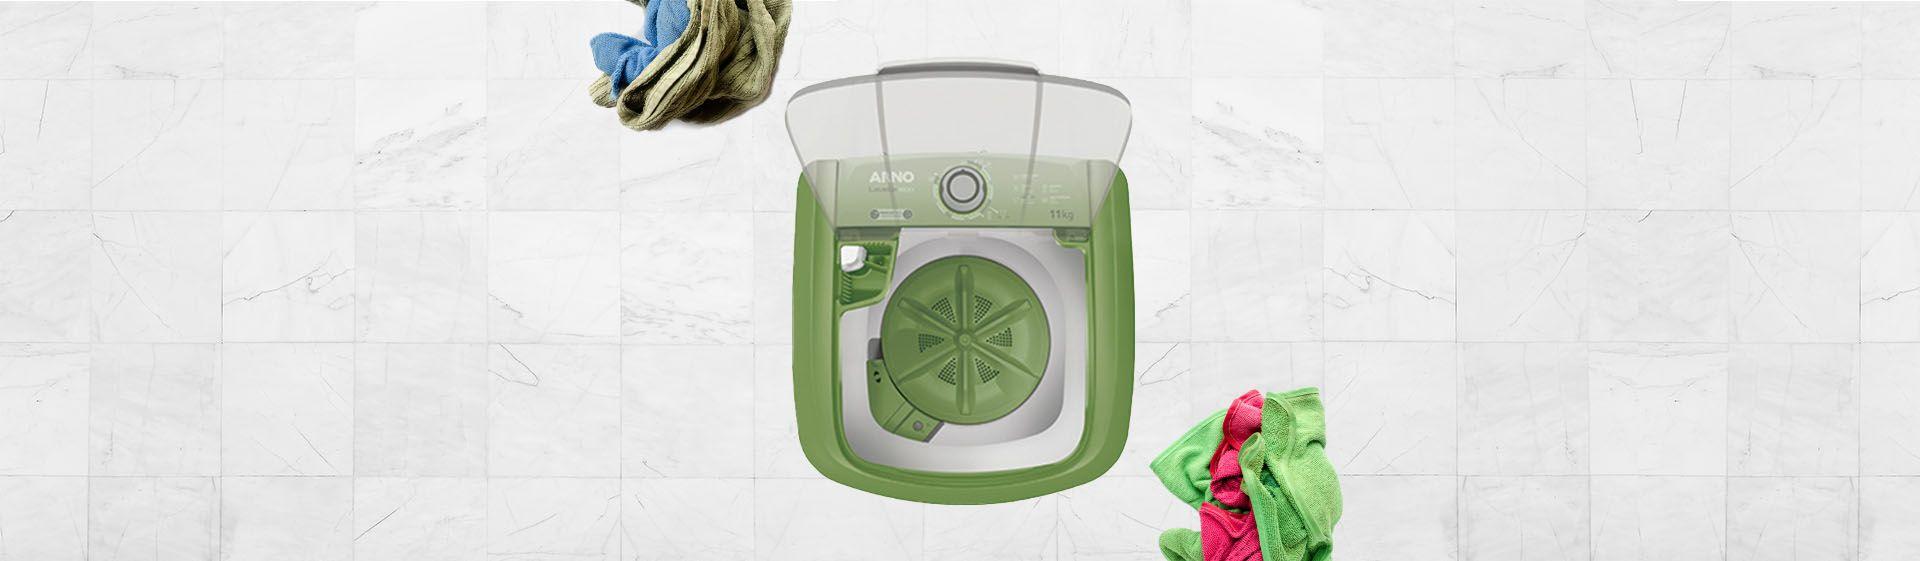 Lavadora Arno Lavete ML80 semiautomática é boa? Veja a análise e descubra se essa máquina de lavar vale a pena